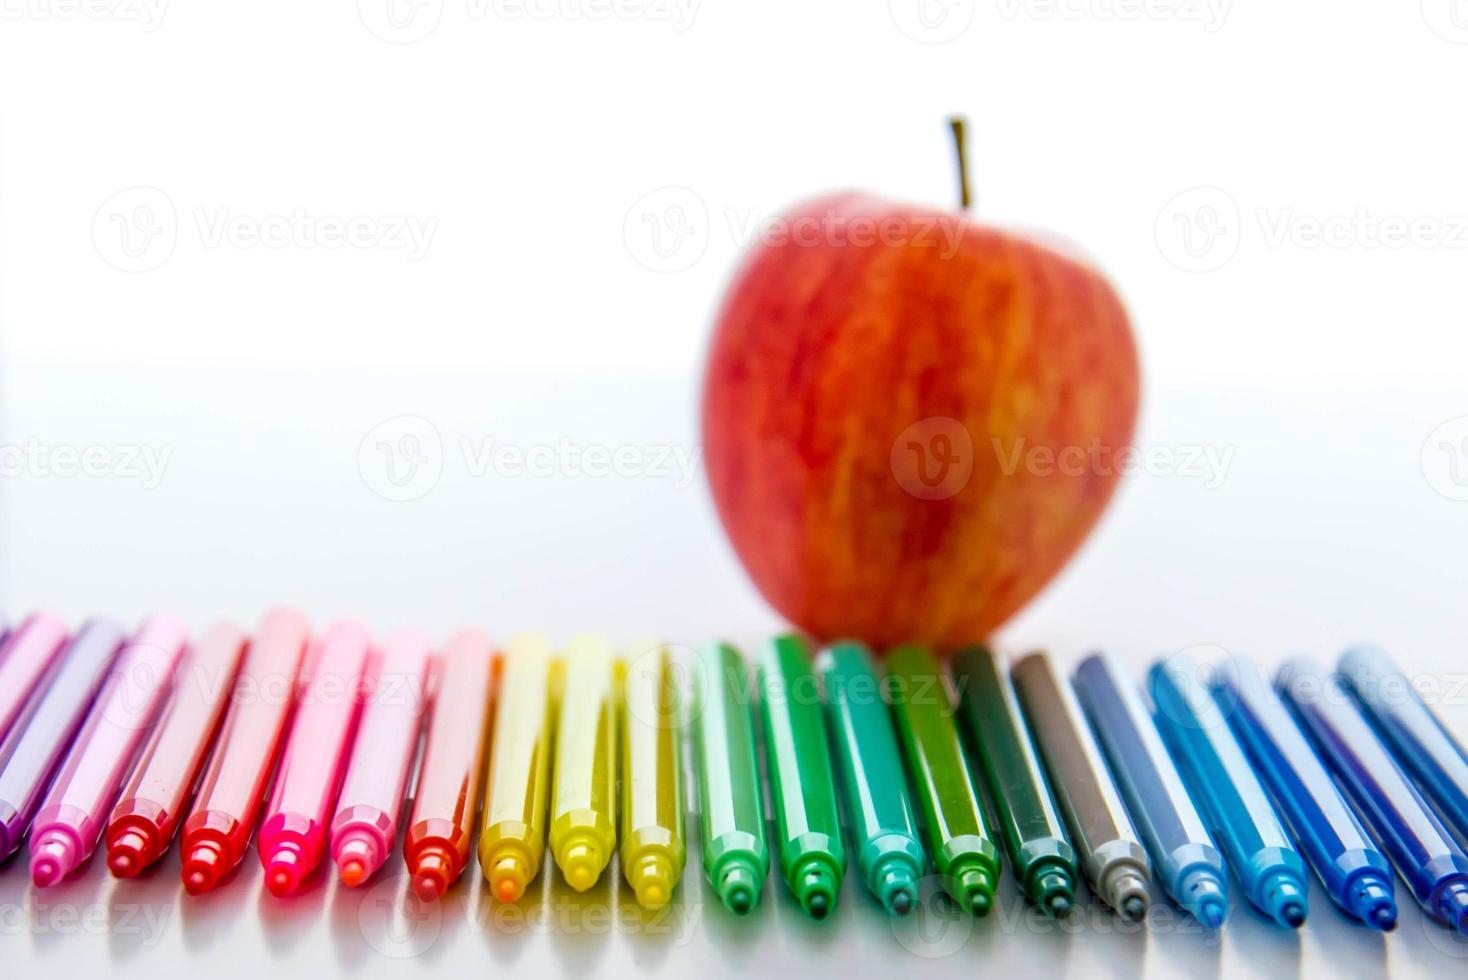 retour aux fournitures scolaires et une pomme pour l'enseignant photo